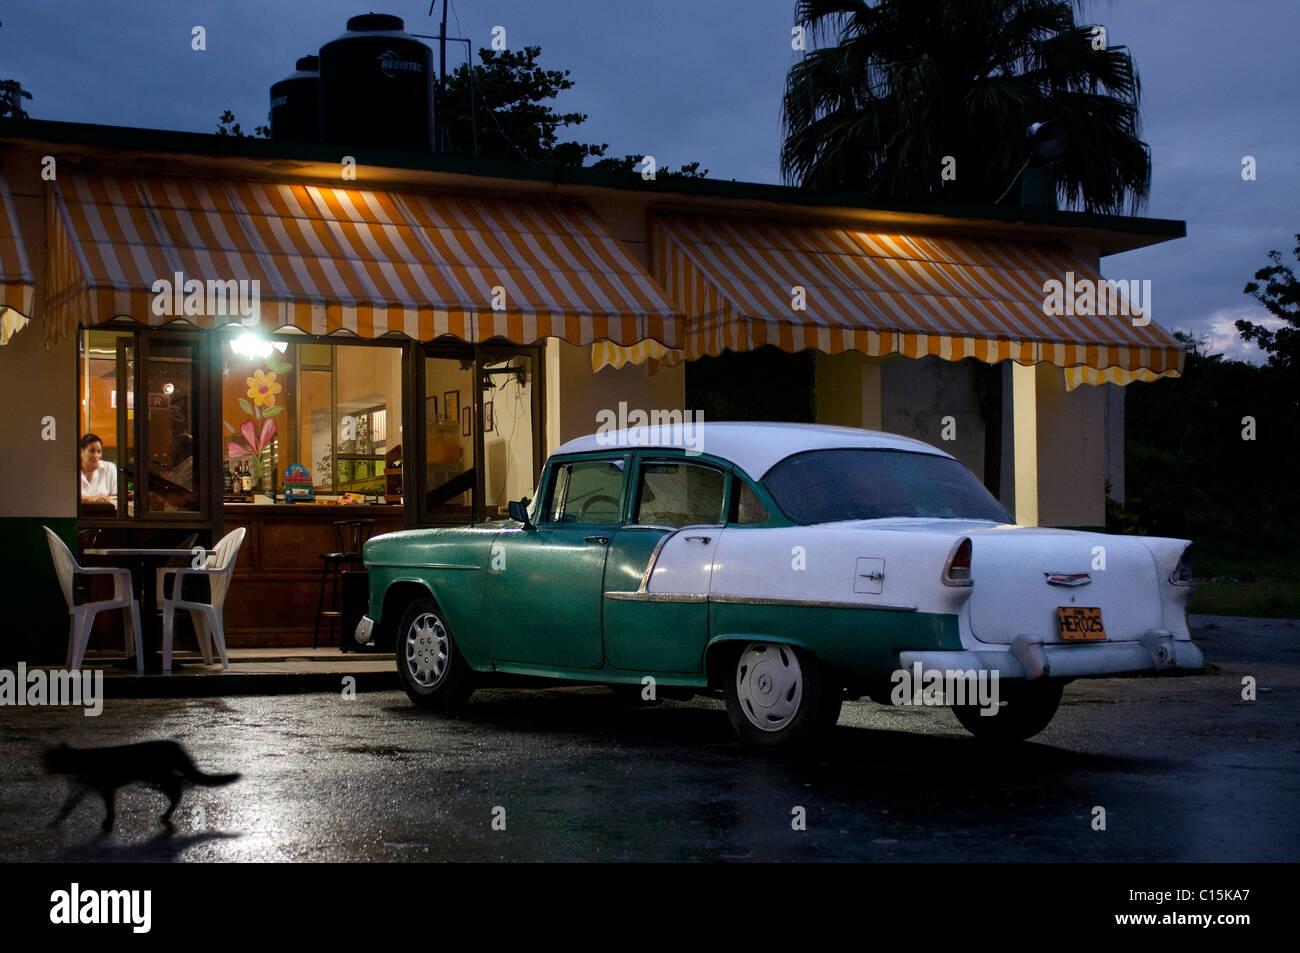 Voiture américaine classique bar extérieur, Matanzas, Cuba Photo Stock